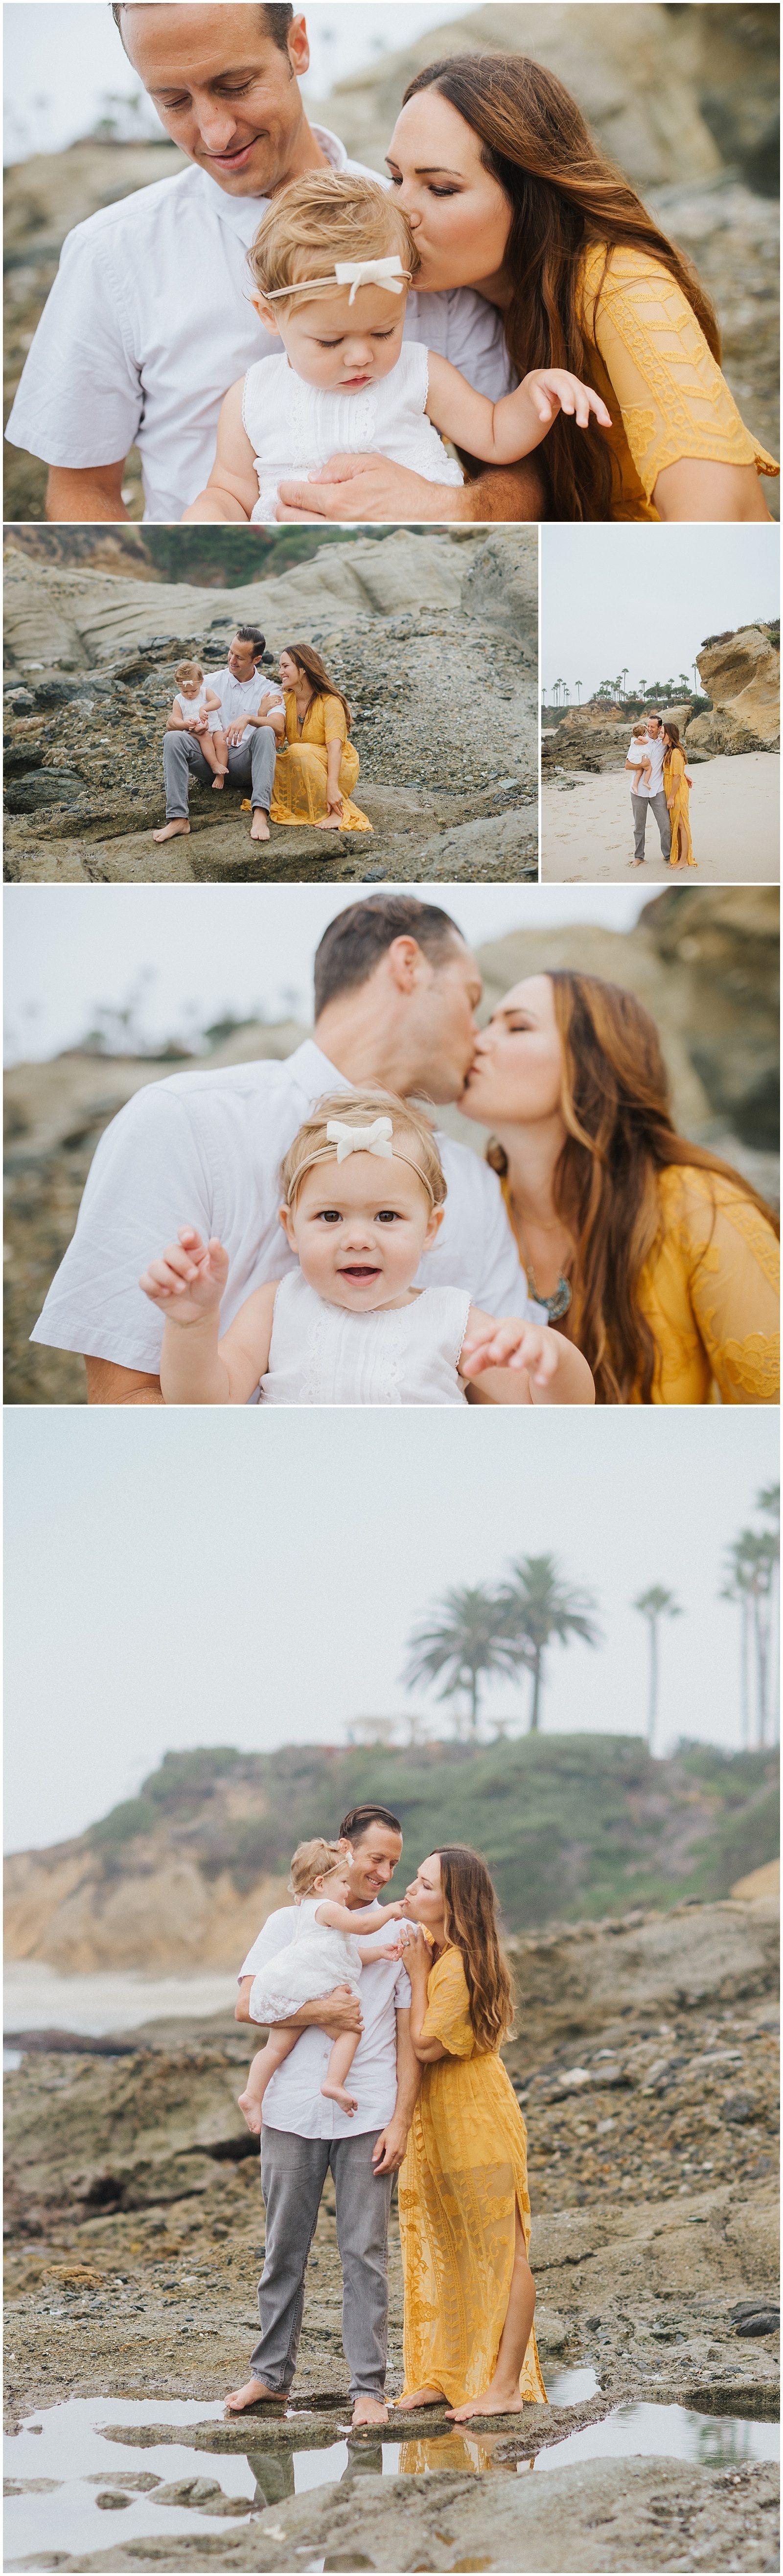 Orange County Family Photographer 0010